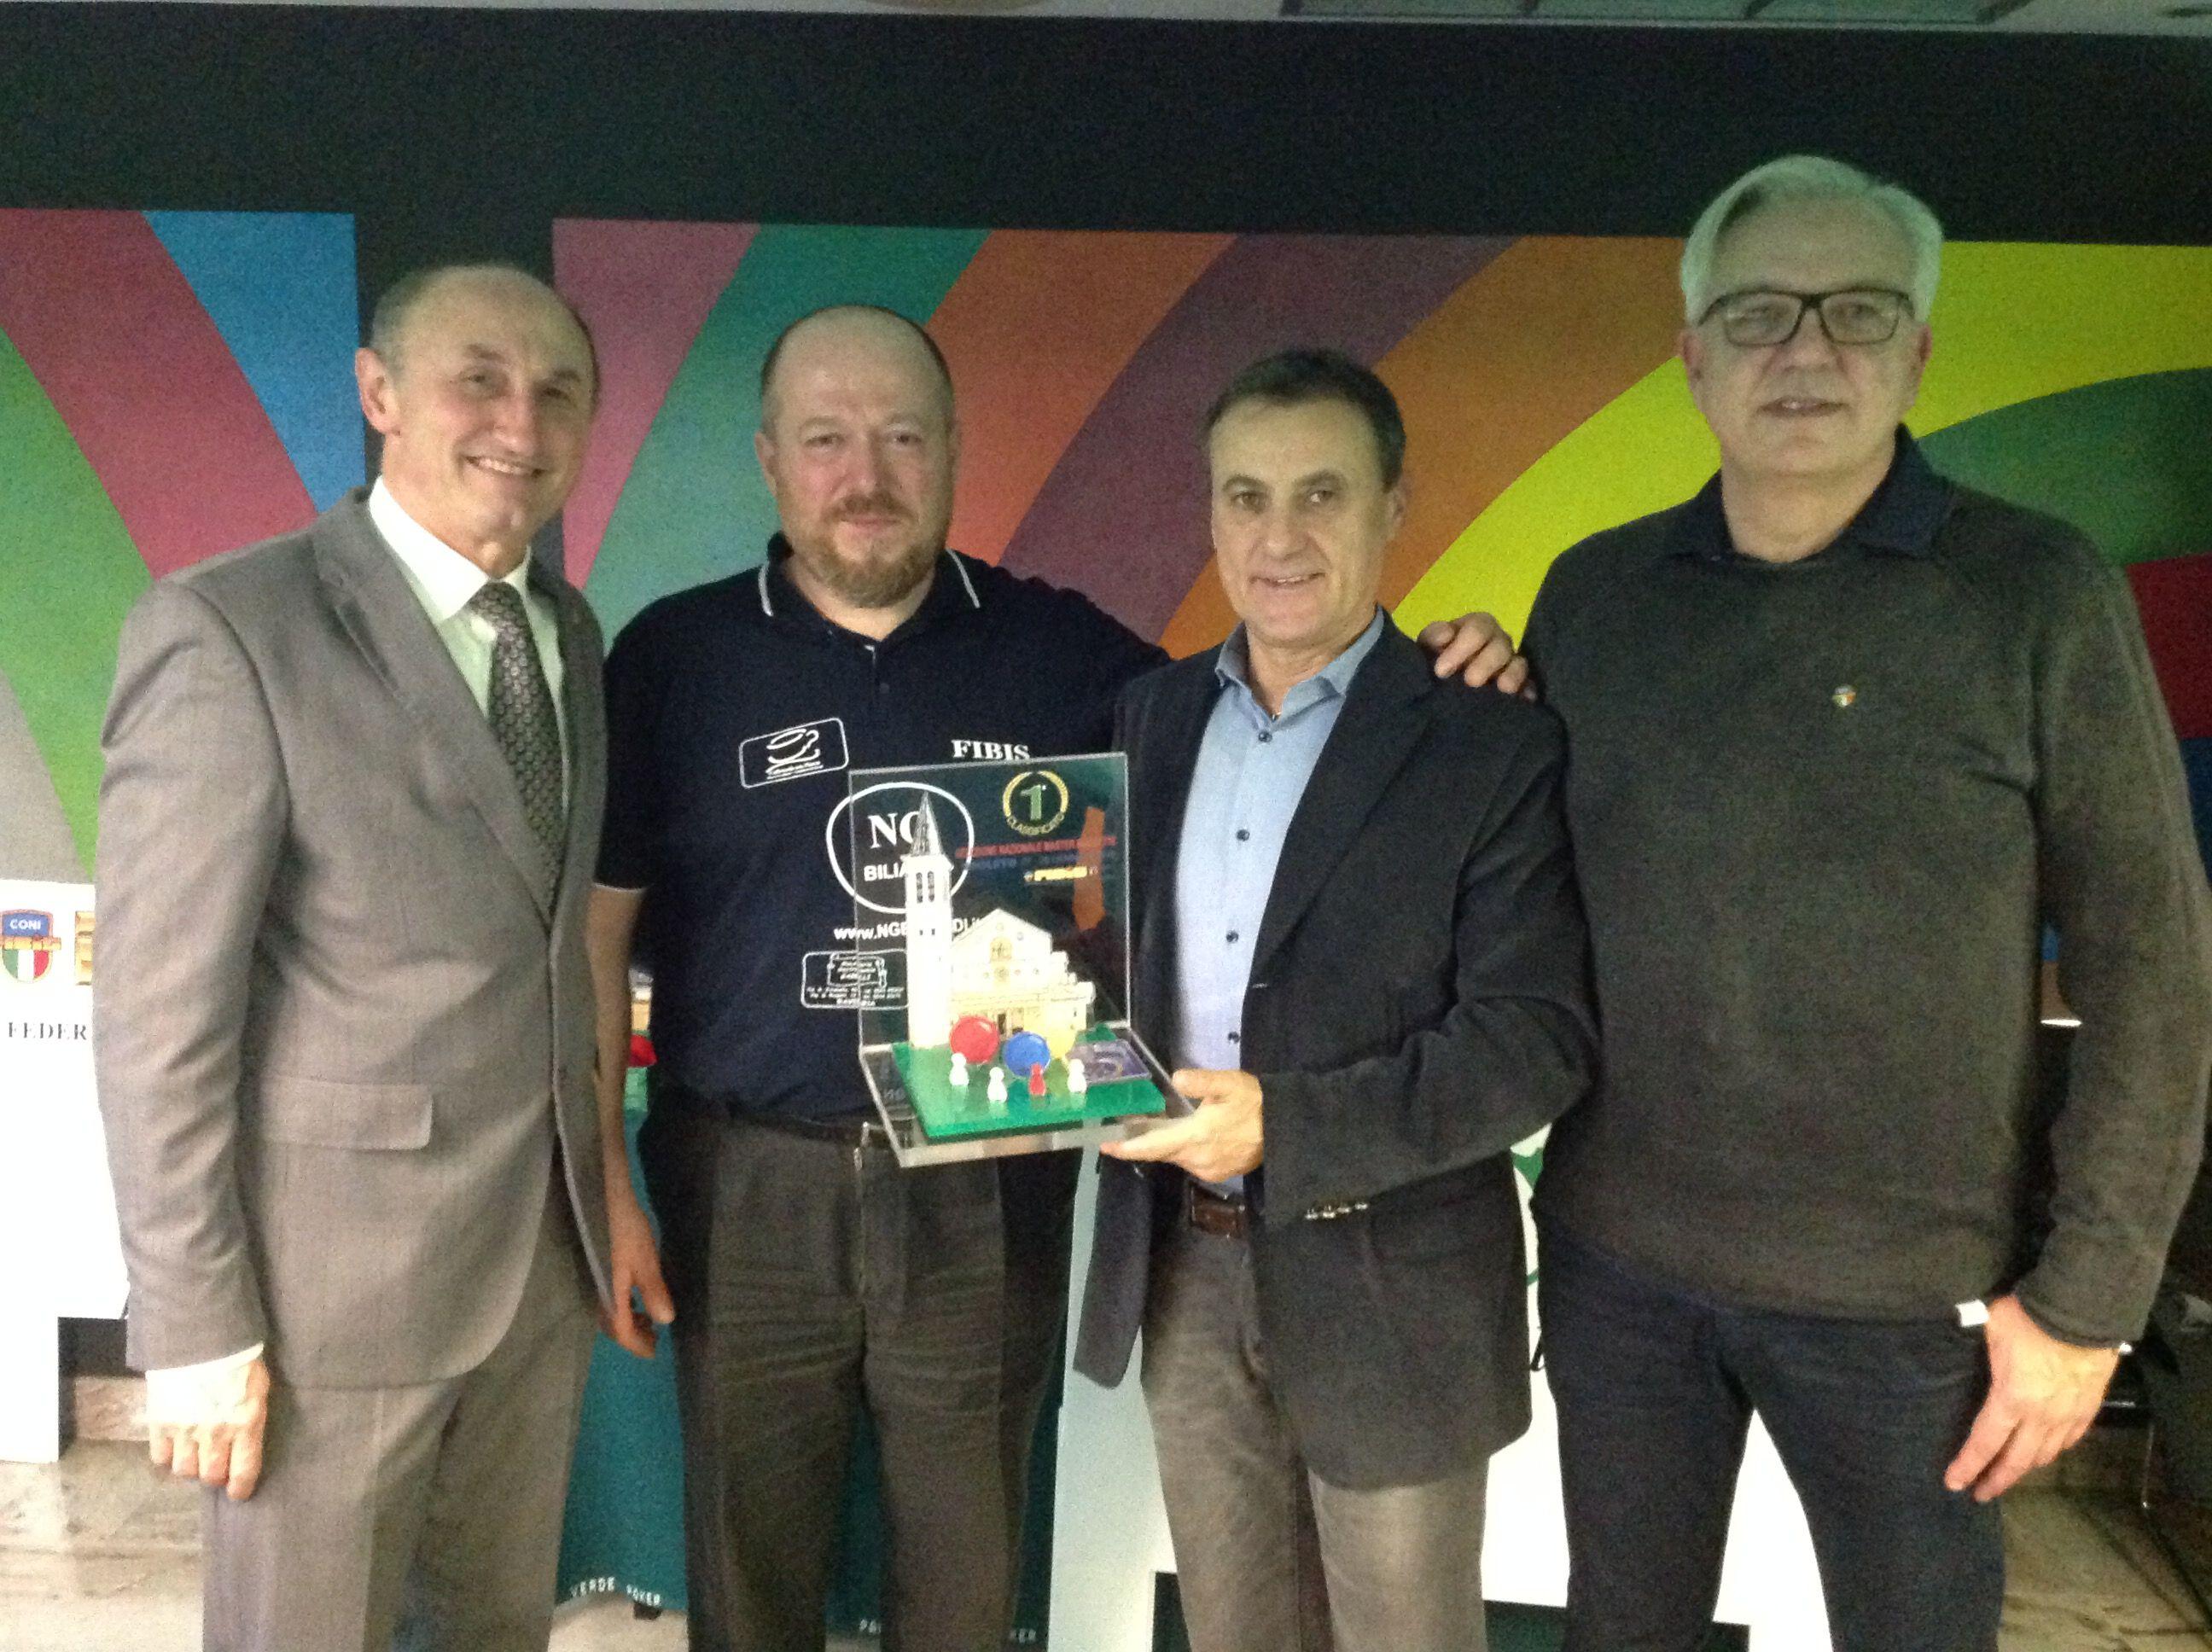 De Cesari, Gardini, Tonelli e Mazzetti